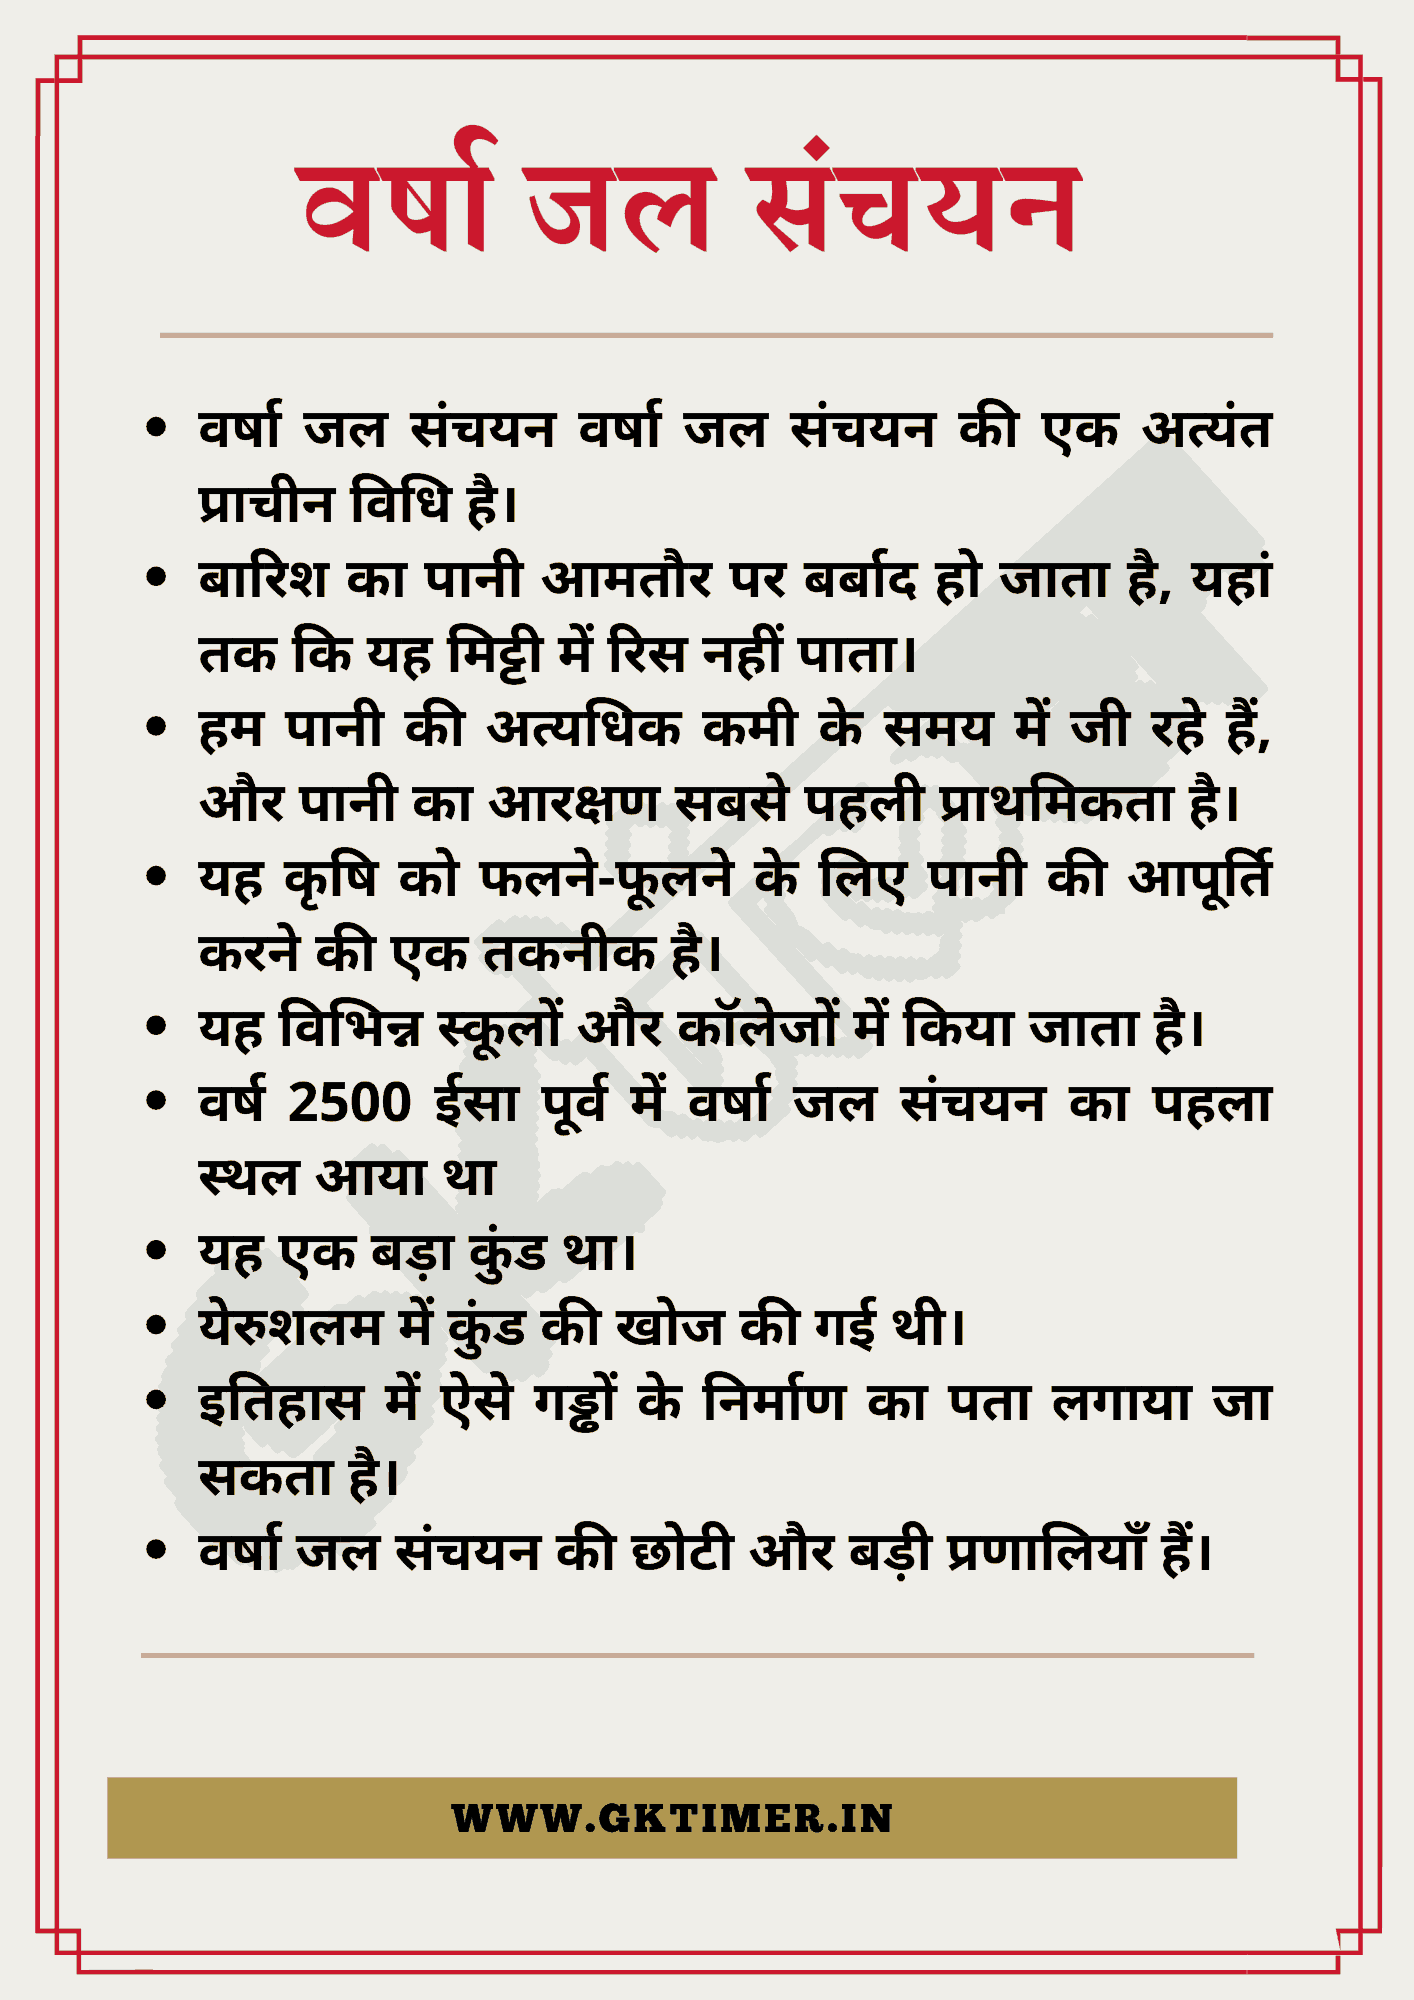 वर्षा जल संचयन पर निबंध   Essay on Rainwater Harvesting in Hindi   10 Lines on Rainwater Harvesting in Hindi